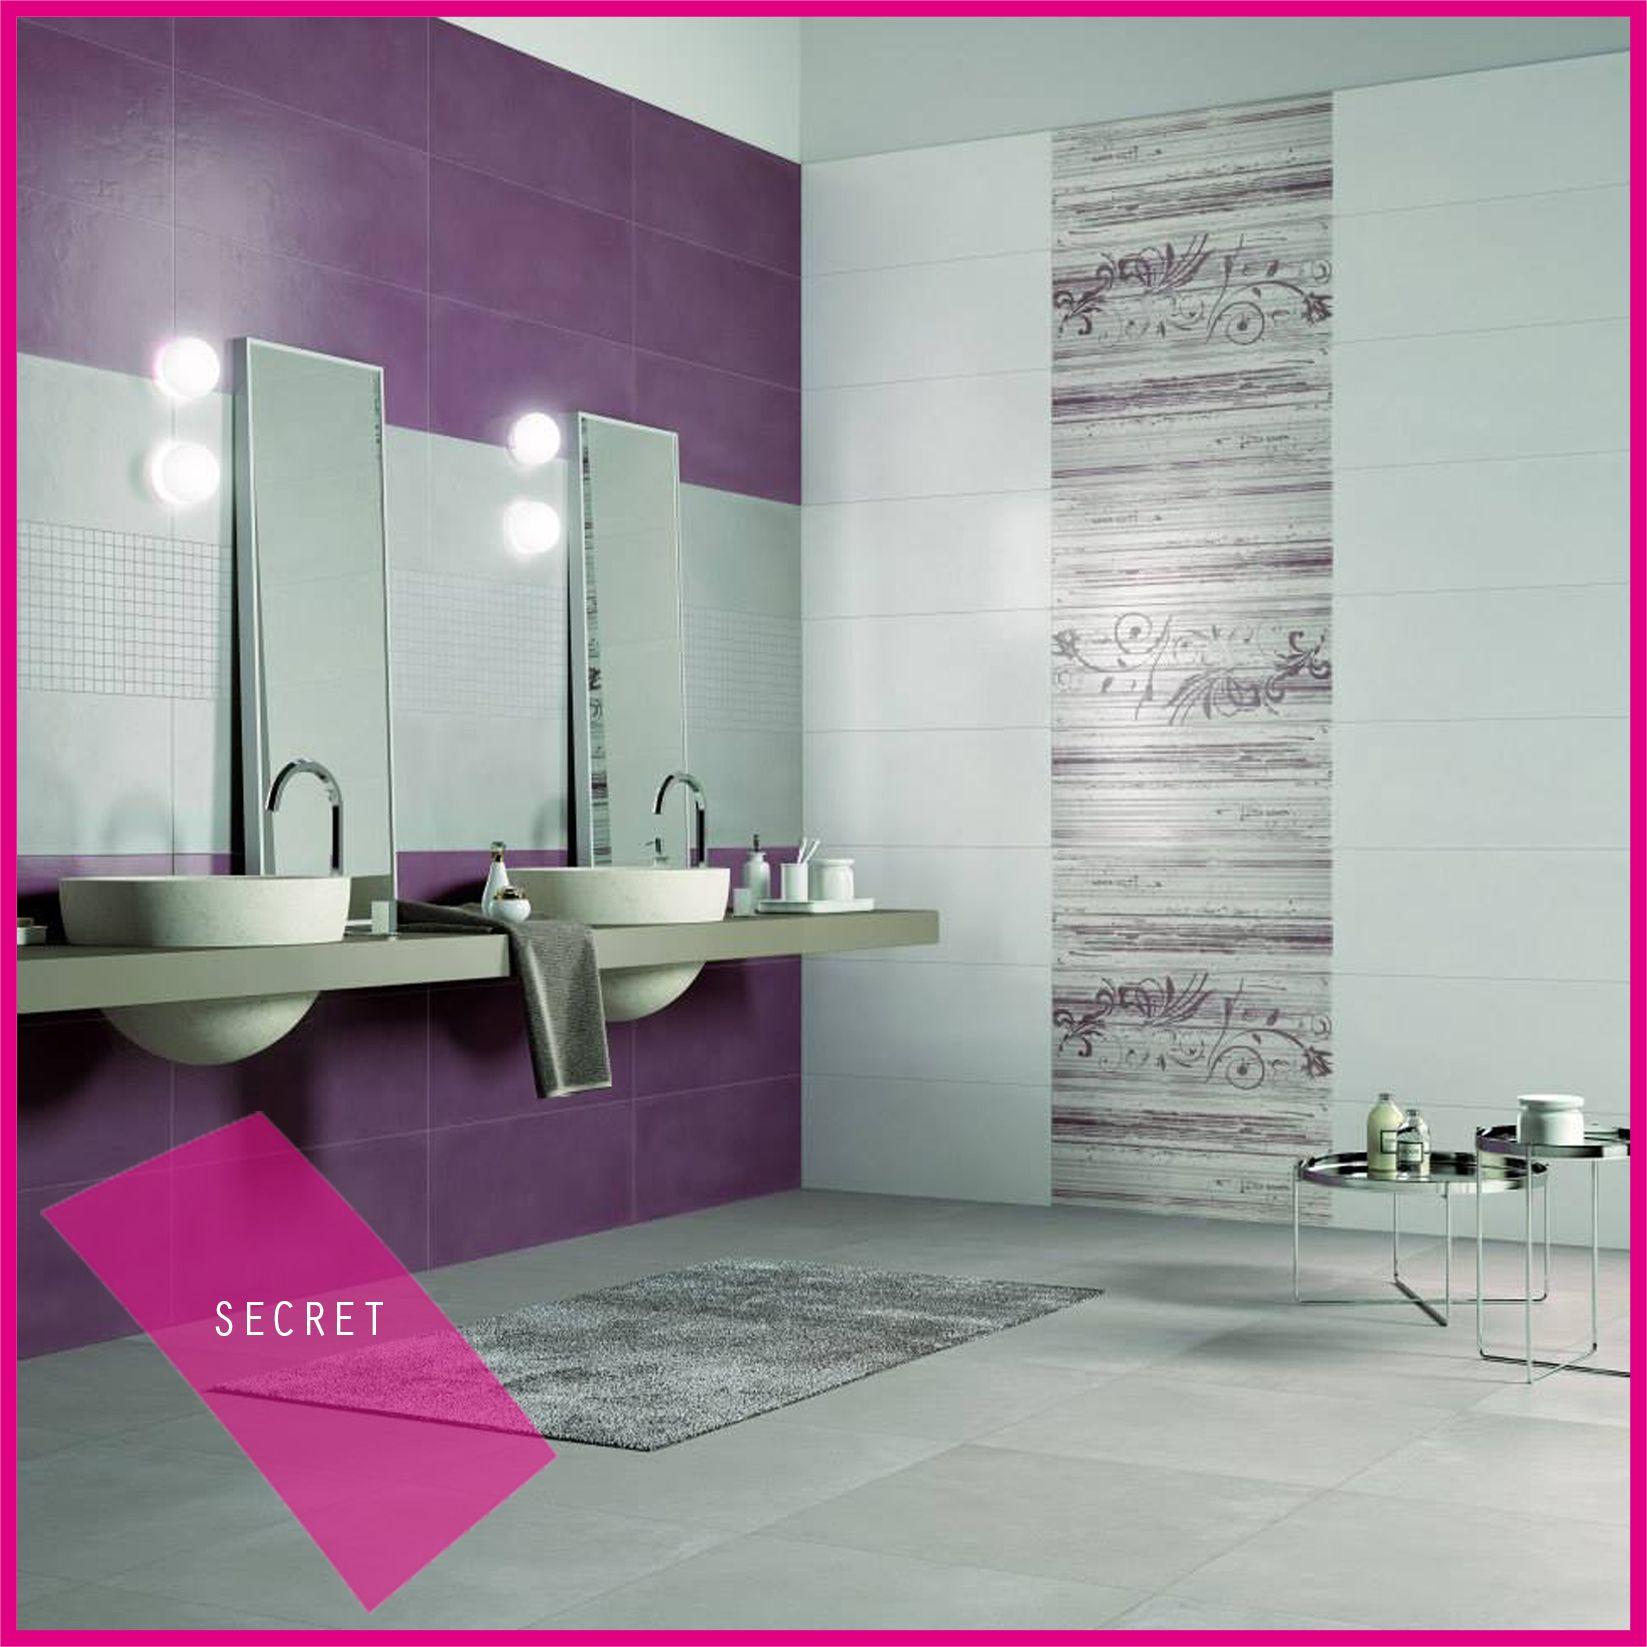 Piastrelle Bagno Mosaico Viola collezione secret #abkemozioni #wall gesso, tortora, malva